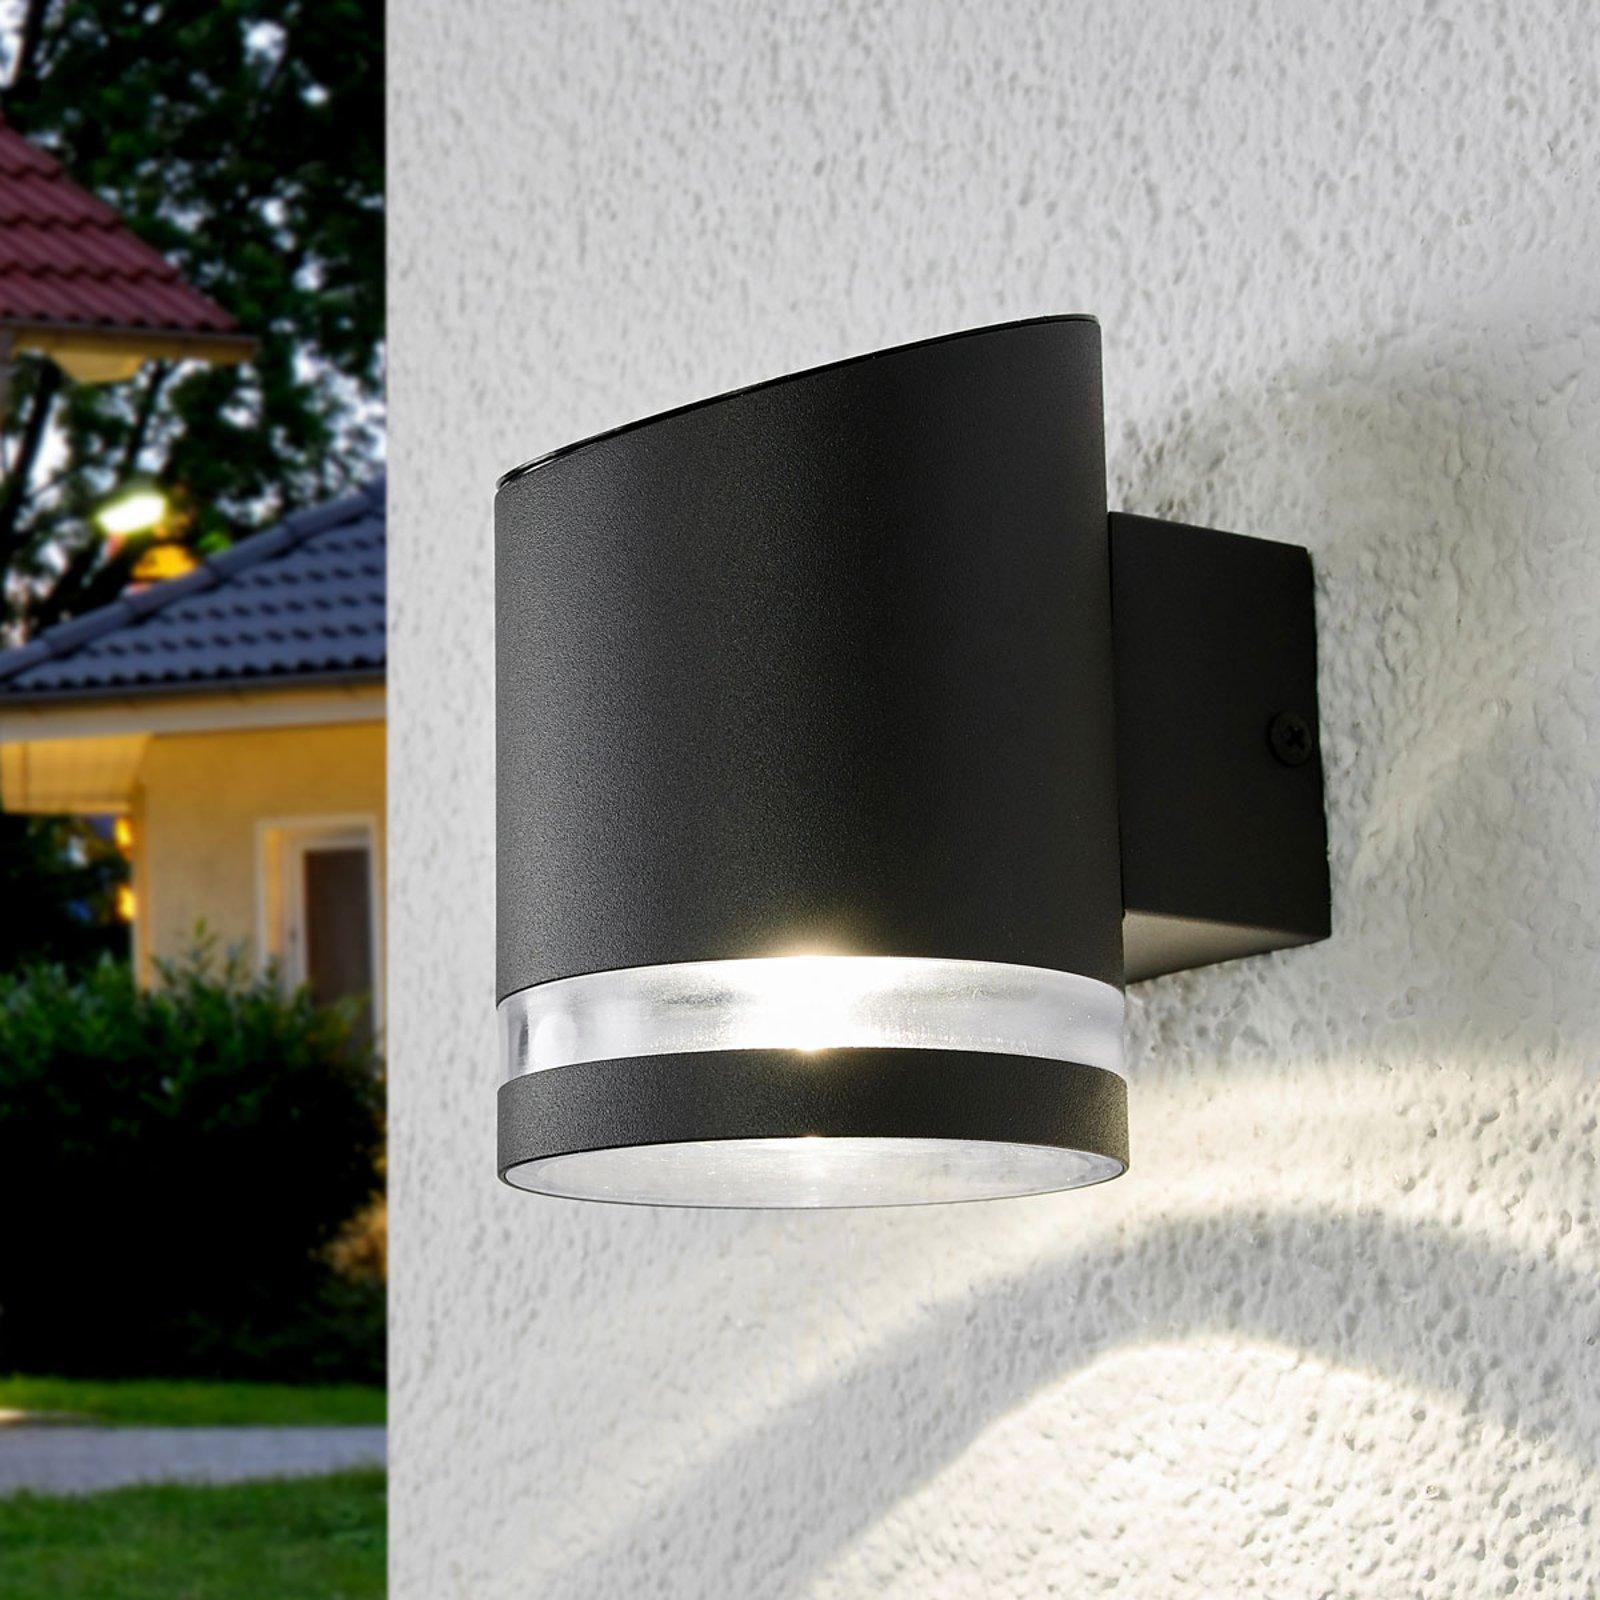 Solcelledrevet utendørs vegglampe Melinda med LED